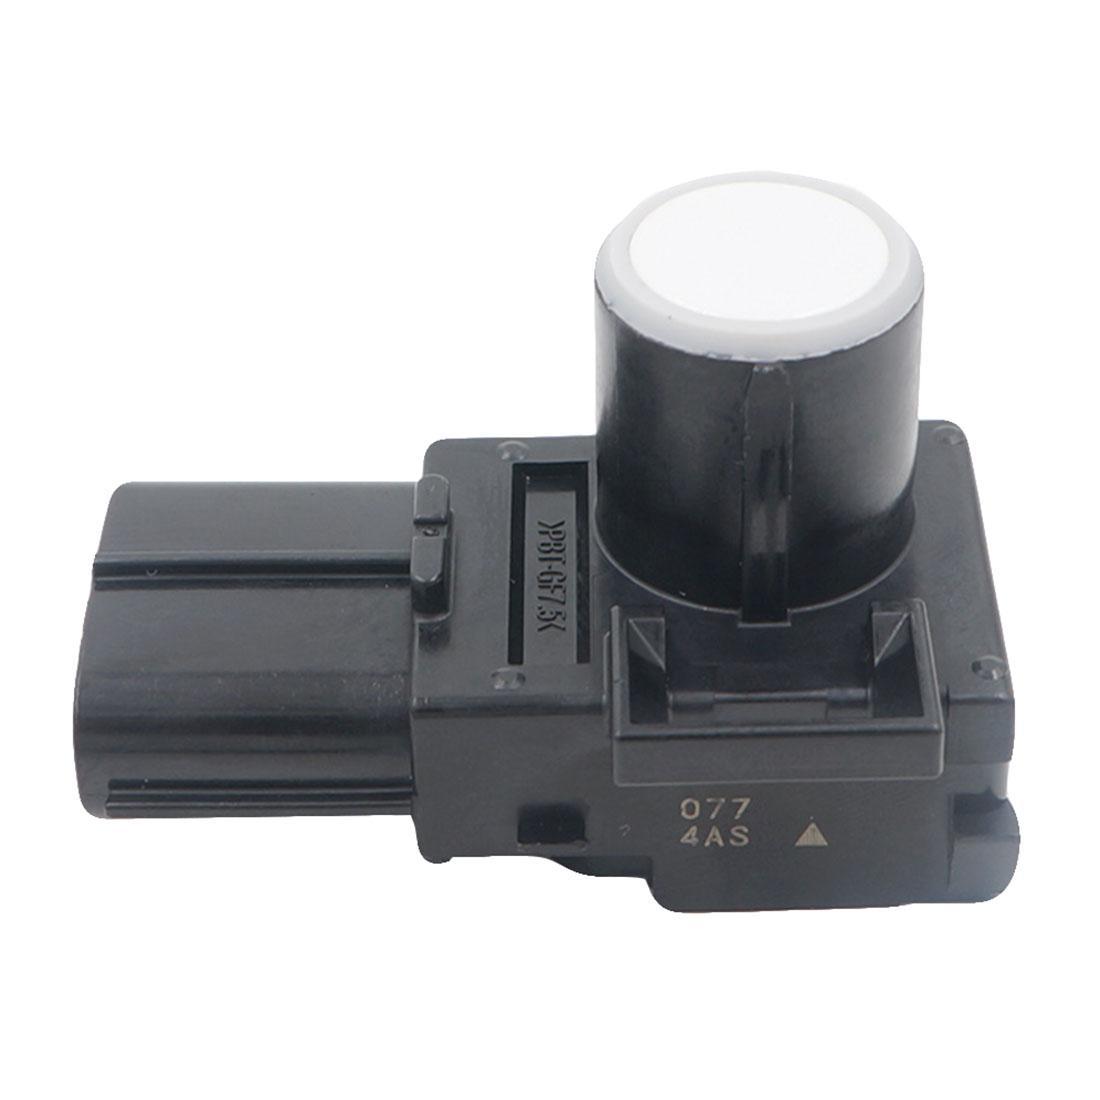 Di alta Qualità Auto Originale Sensore di fabbrica 89341-33190-A0 Backup Sensore di Parcheggio Per Toyota Lexus LX570 RX350 RX450H